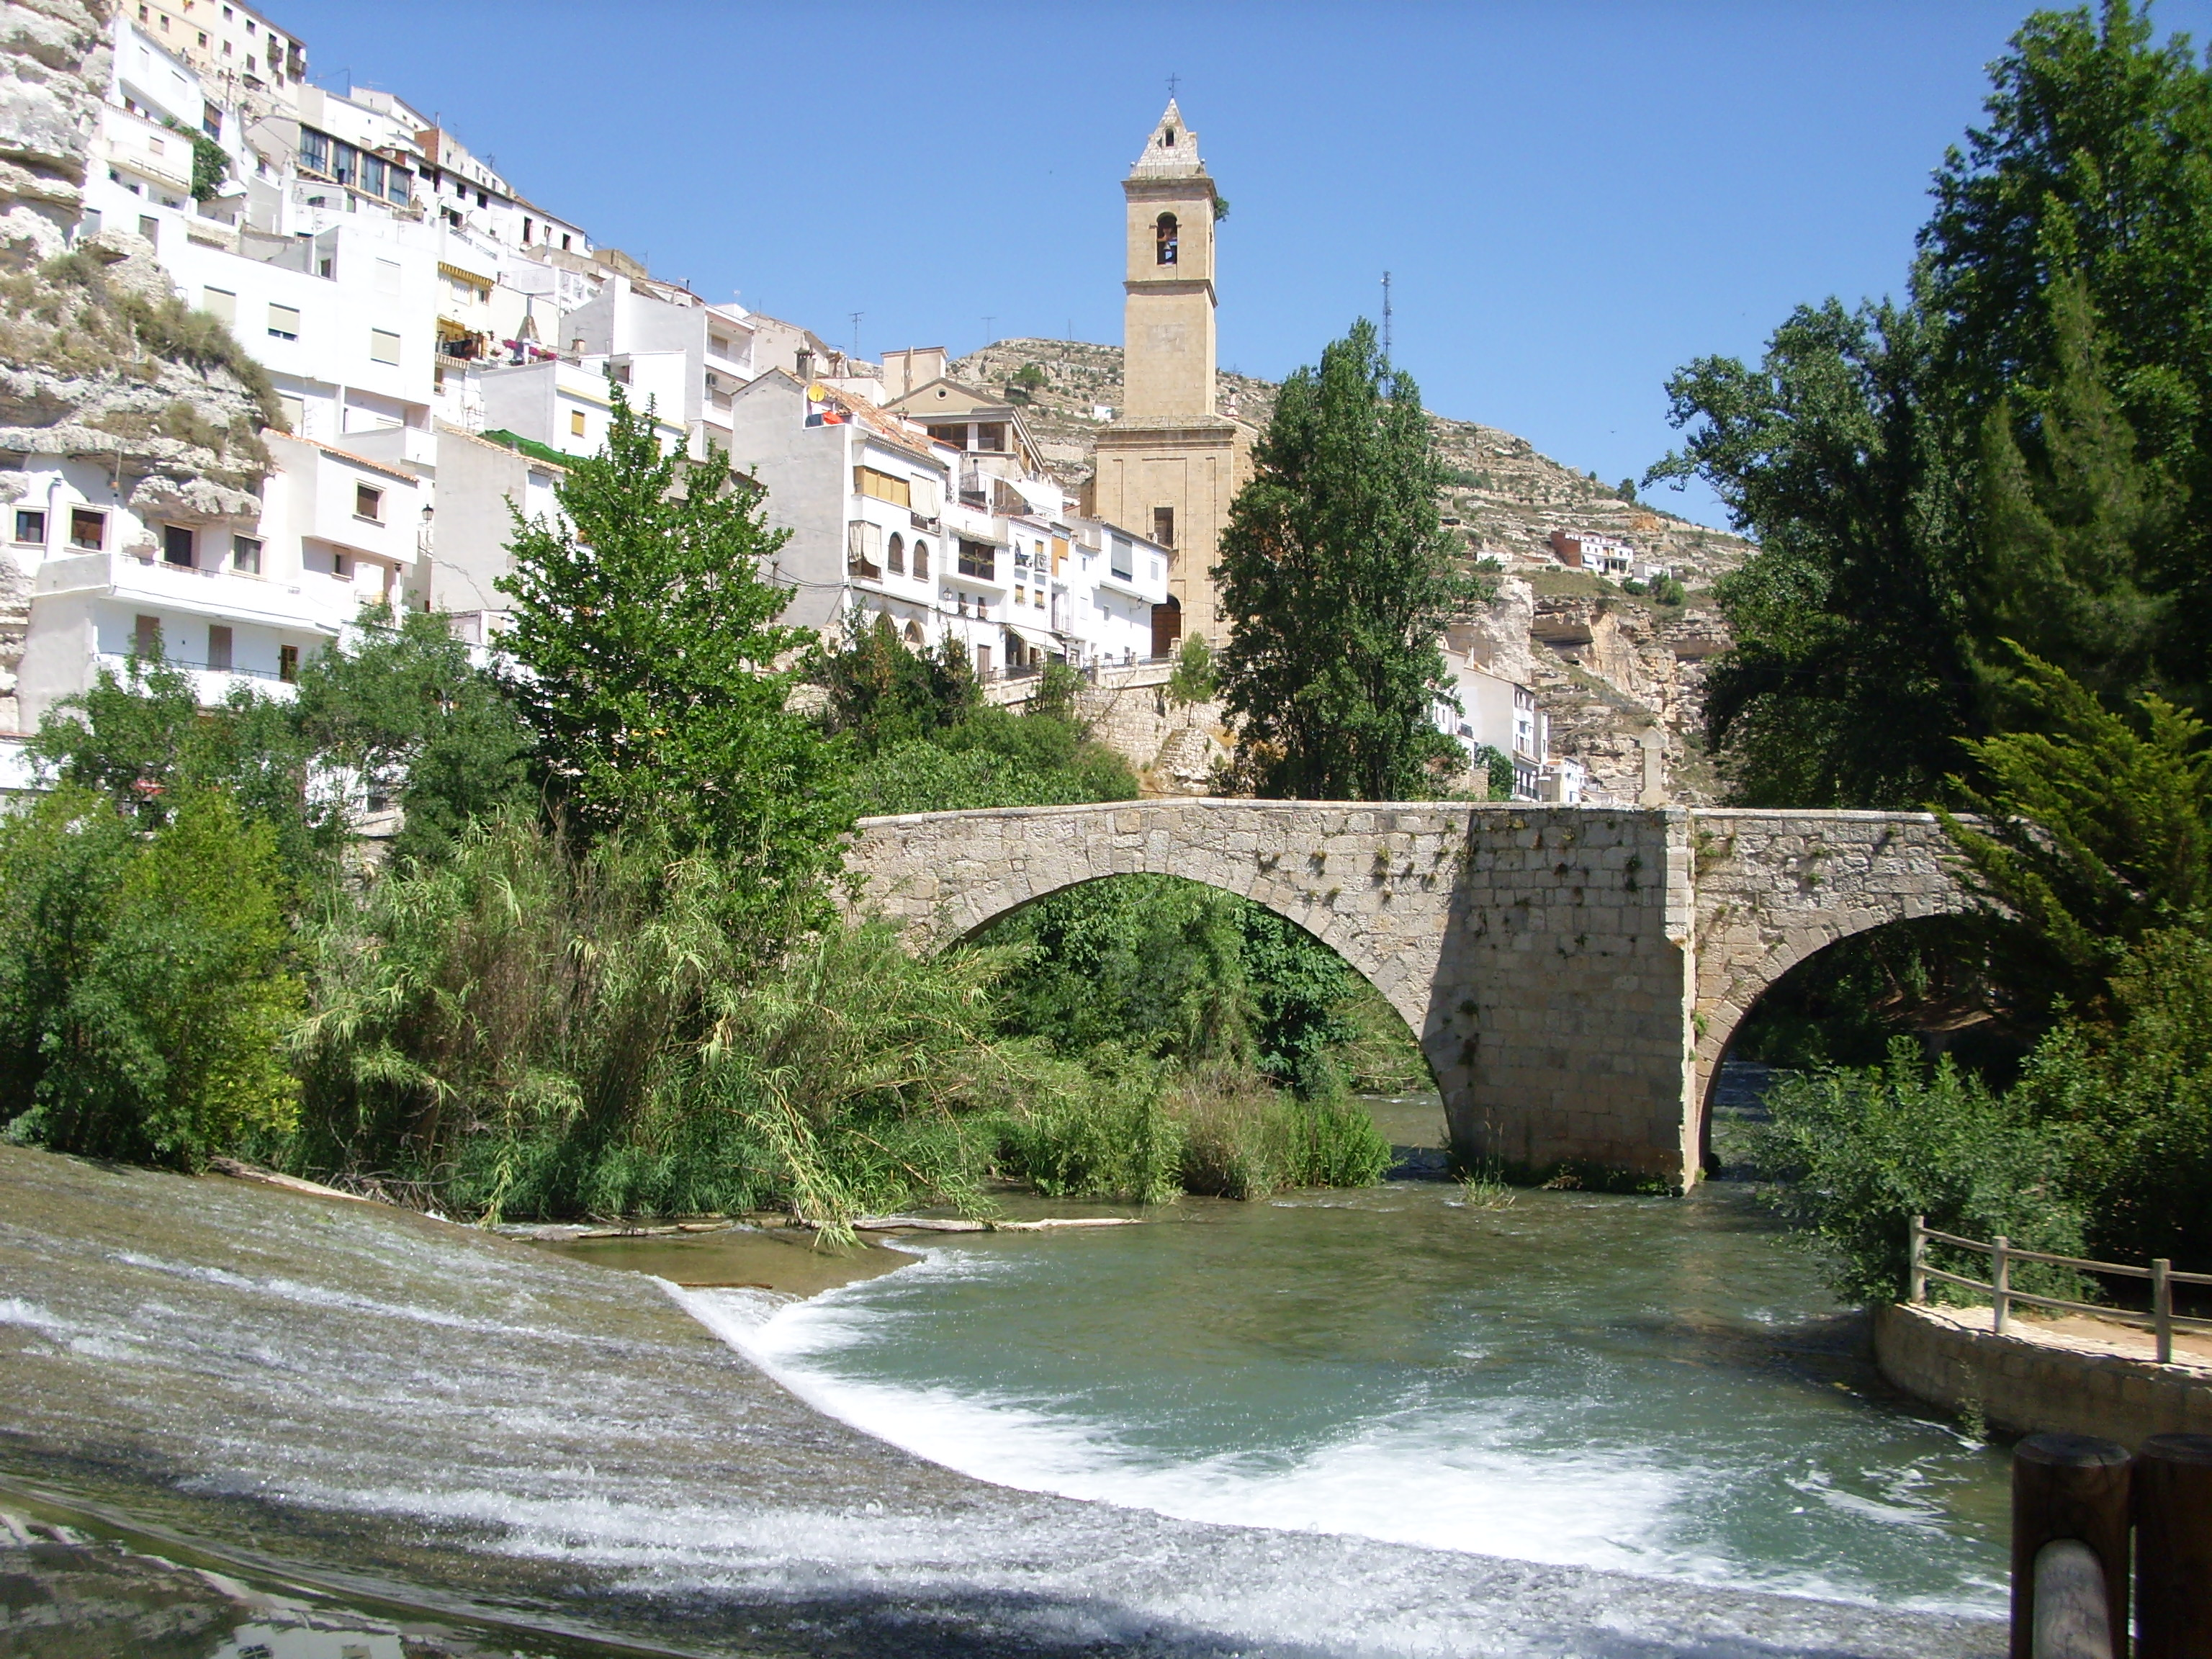 Himno alcal del j car casas rurales alcal del j car - Casa rural el castillo alcala del jucar ...